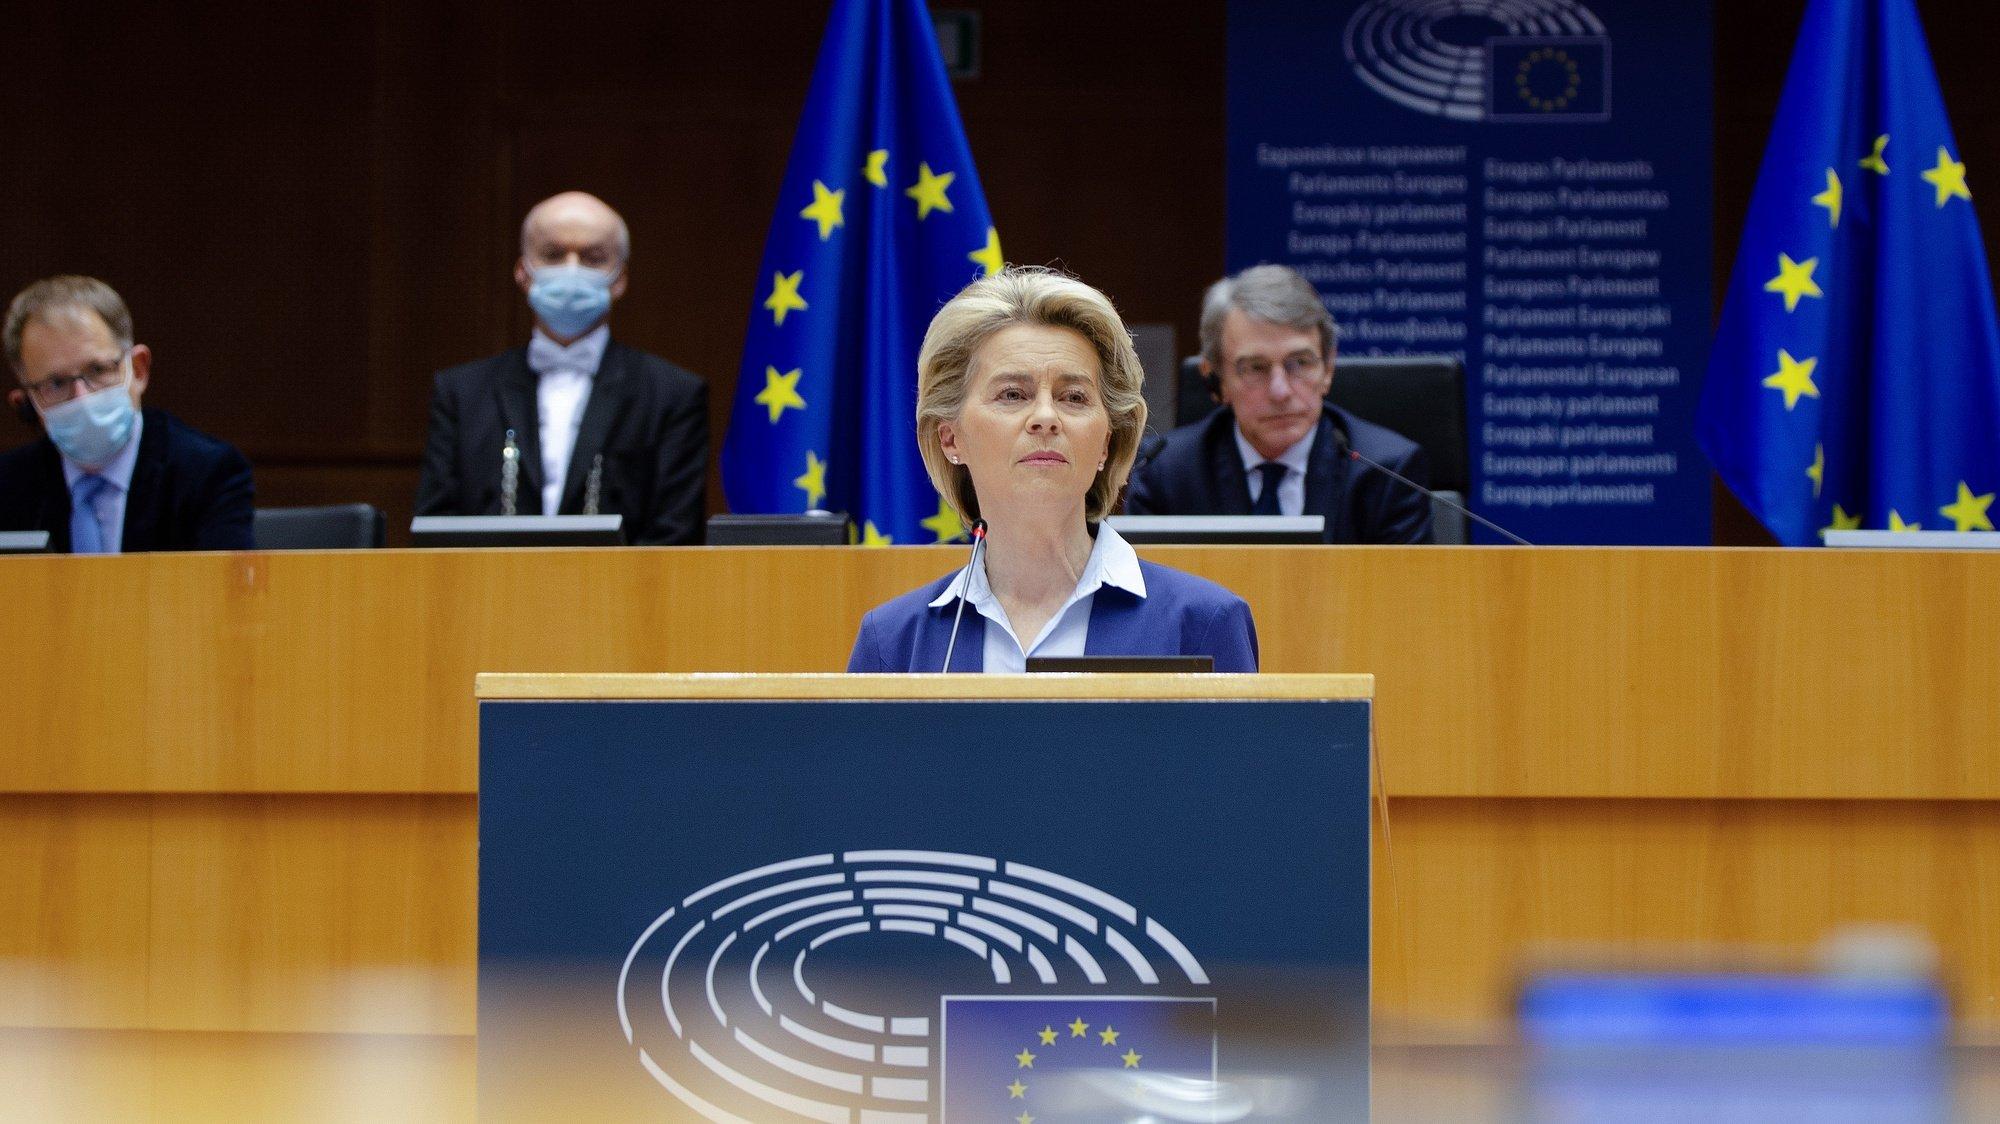 A presidente da Comissão Europeia, Ursula von der Leyen, intervém durante a cerimónia da assinatura de uma declaração conjunta sobre o Futuro da Europa, no Parlamento Europeu, em Bruxelas, Bélgica, 10 de Março de 2021. TONY DA SILVA/LUSA